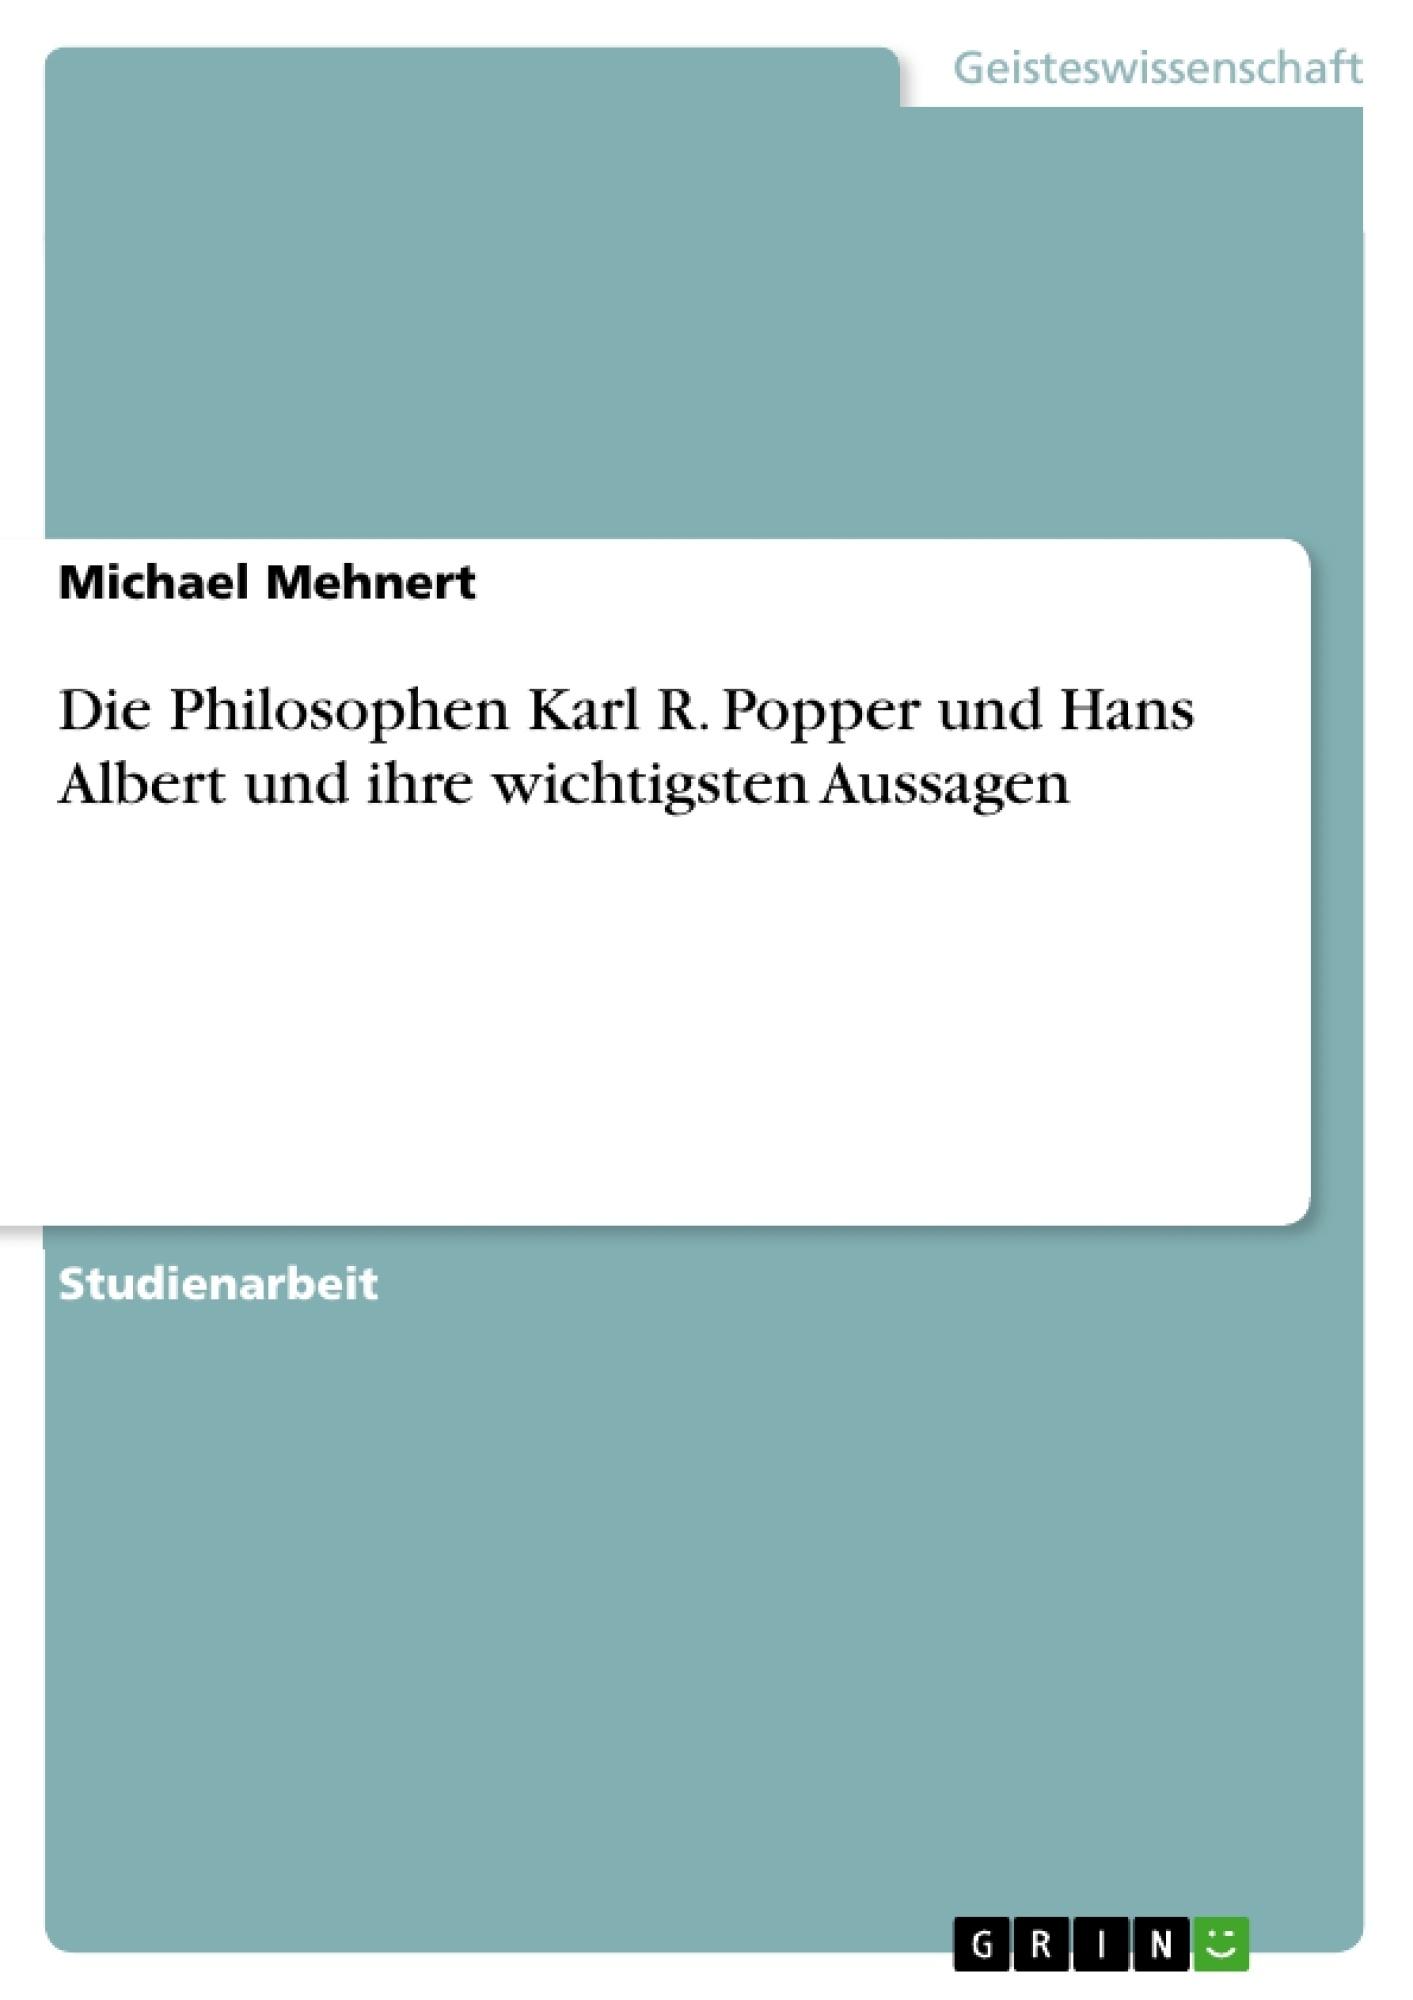 Titel: Die Philosophen Karl R. Popper und Hans Albert und ihre wichtigsten Aussagen